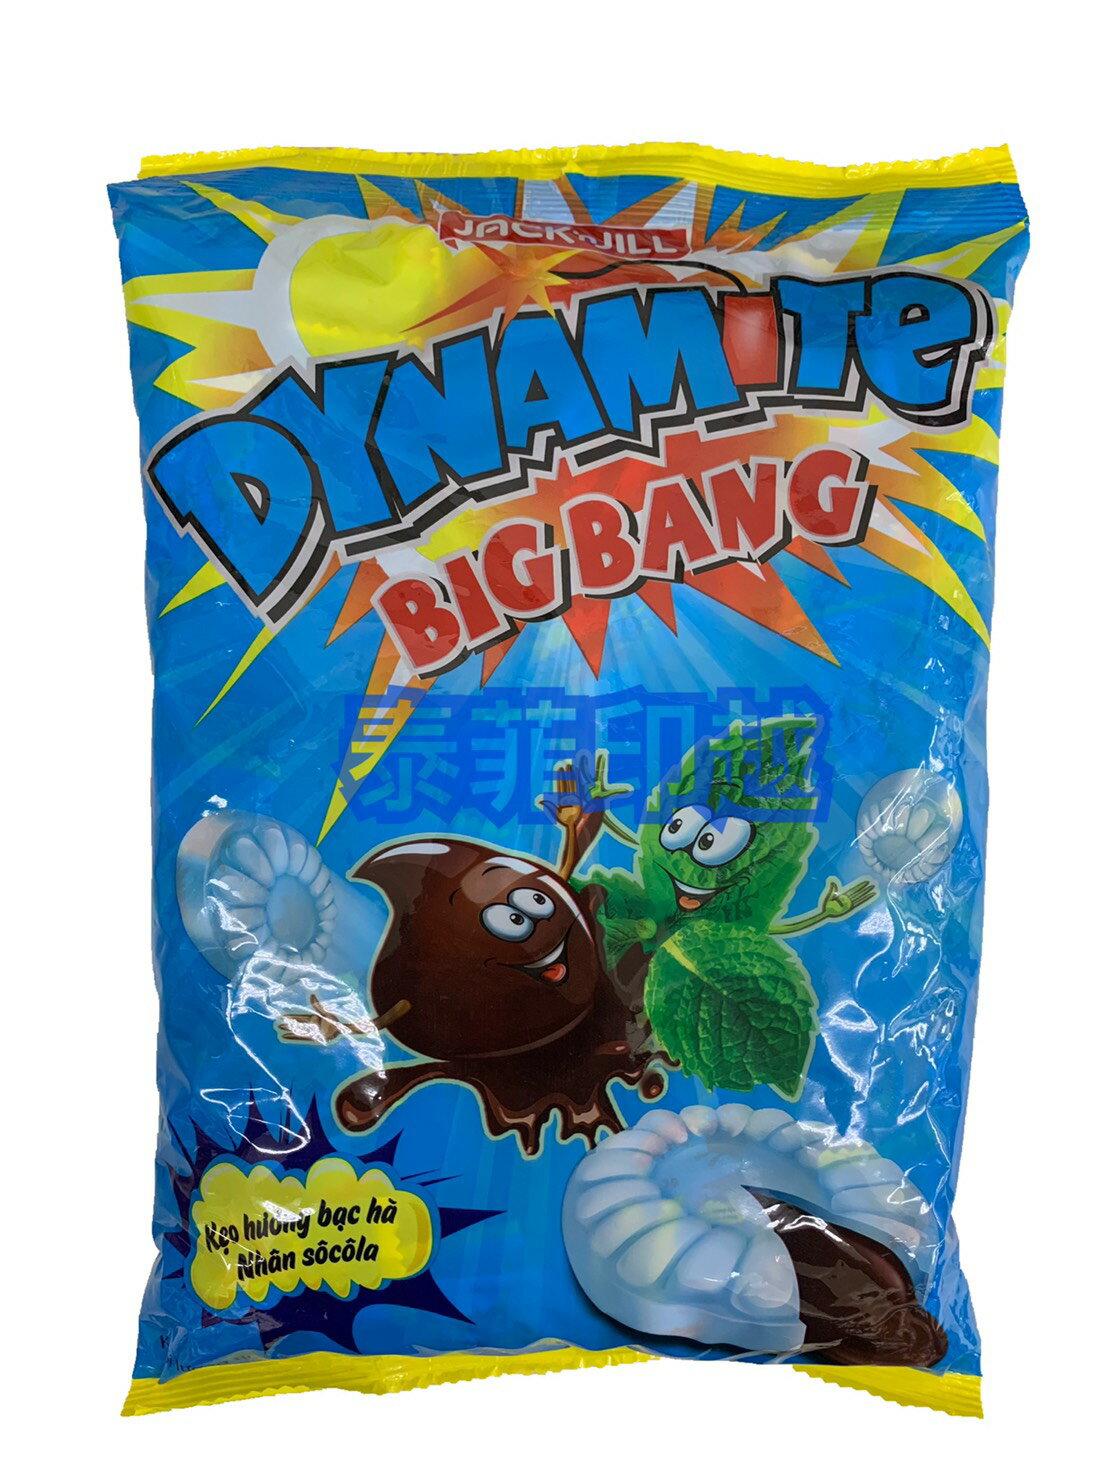 {泰菲印越} 越南 DYNAMITE 薄荷巧克力牛奶糖 薄荷糖 33顆